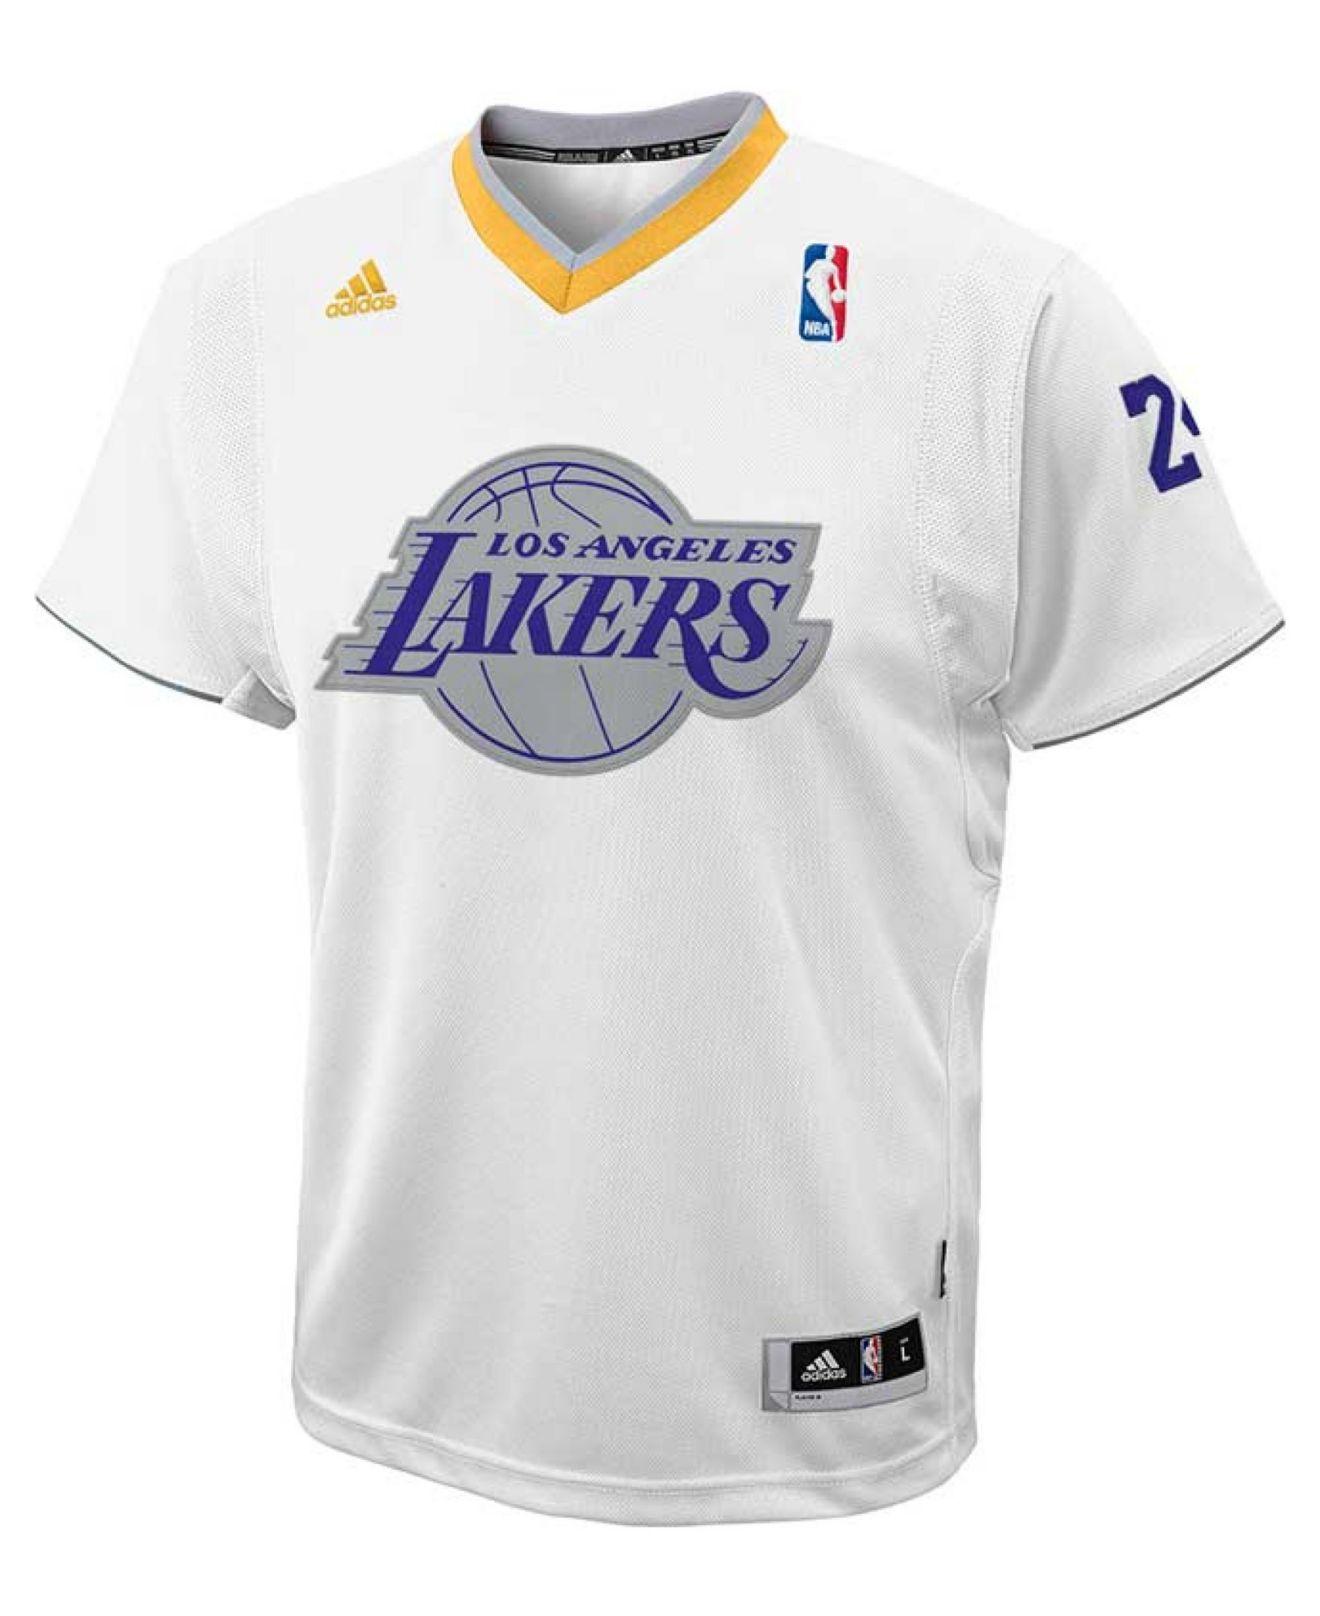 gcrfcl Adidas Kids\' Short-sleeve Kobe Bryant Los Angeles Lakers Swingman